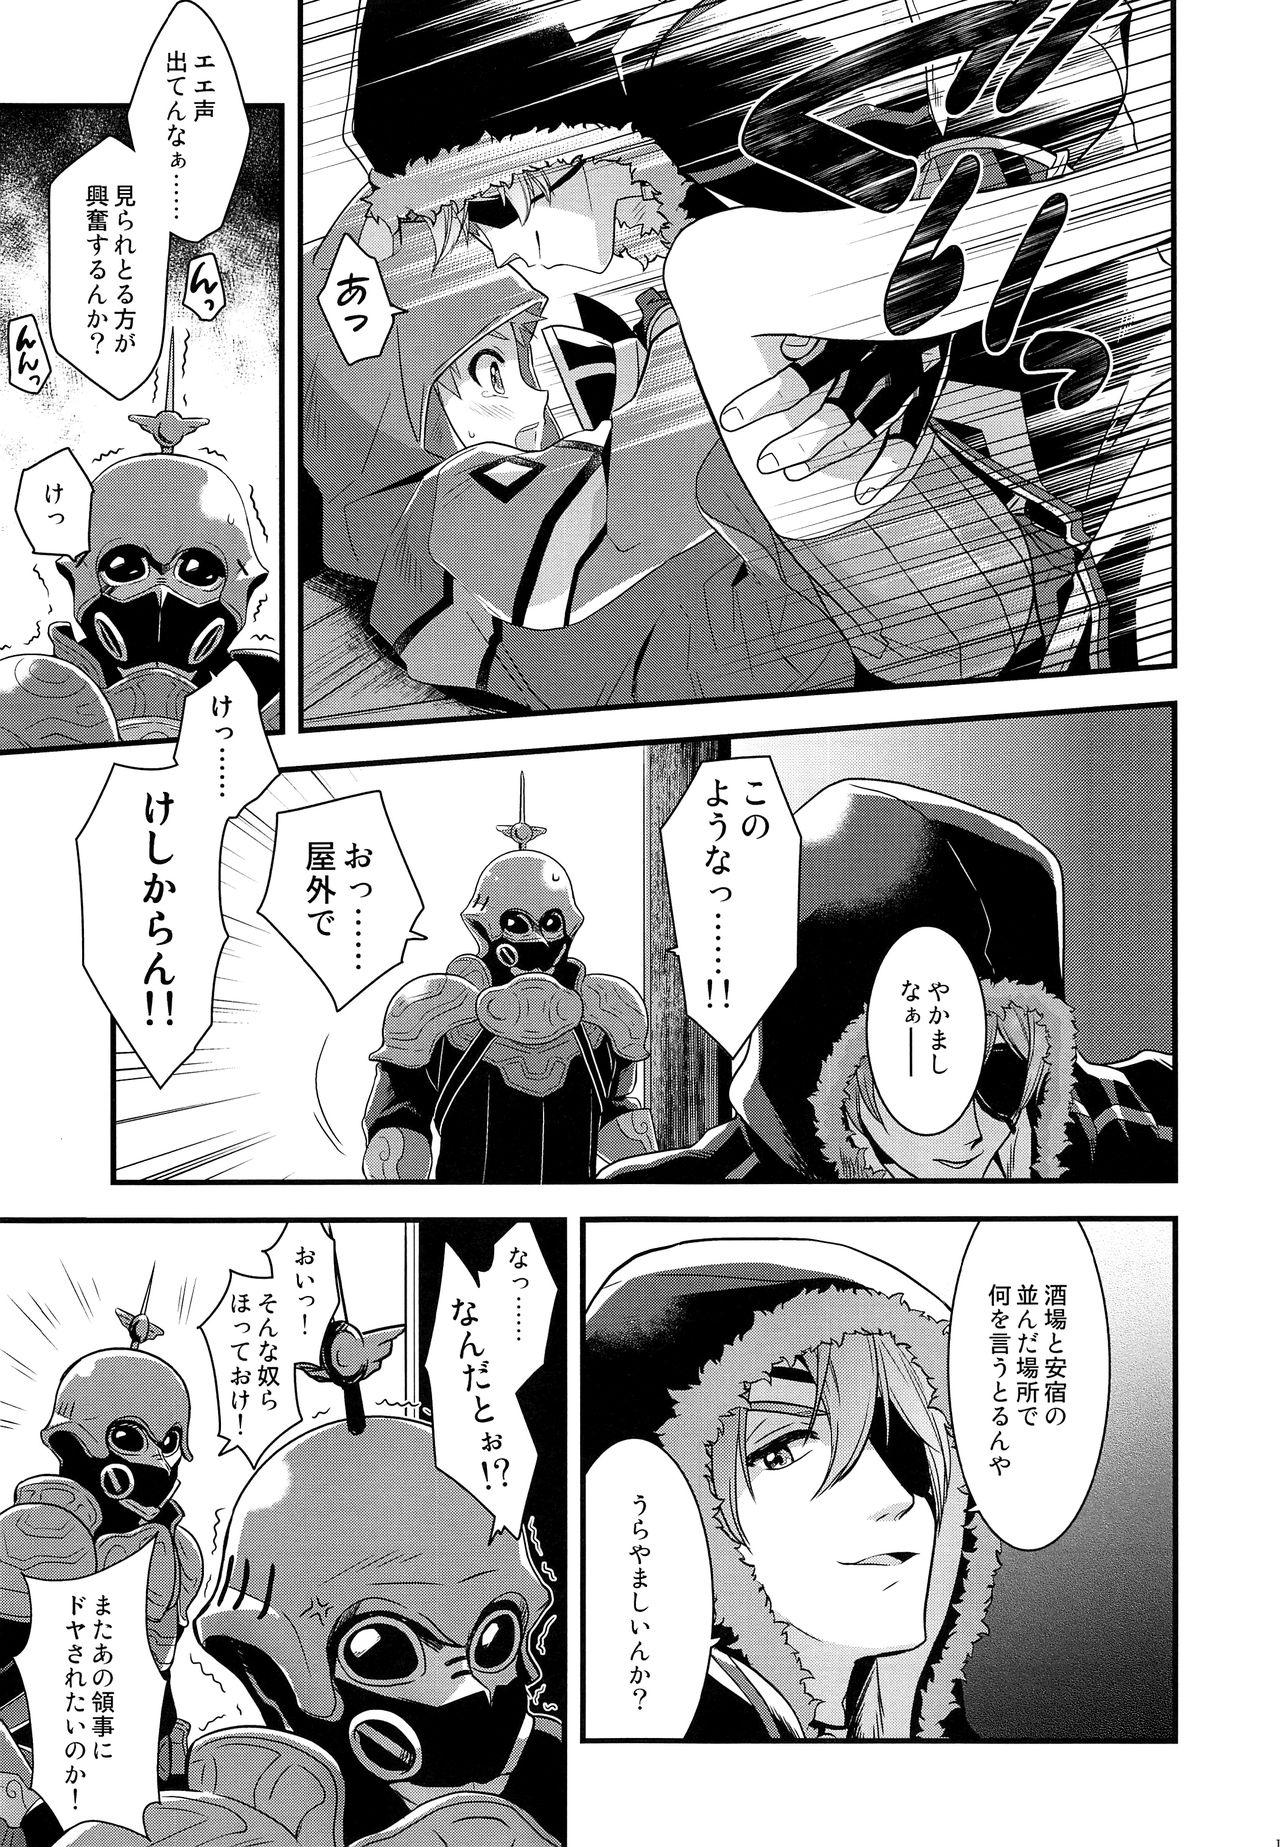 if no Kizuna 11